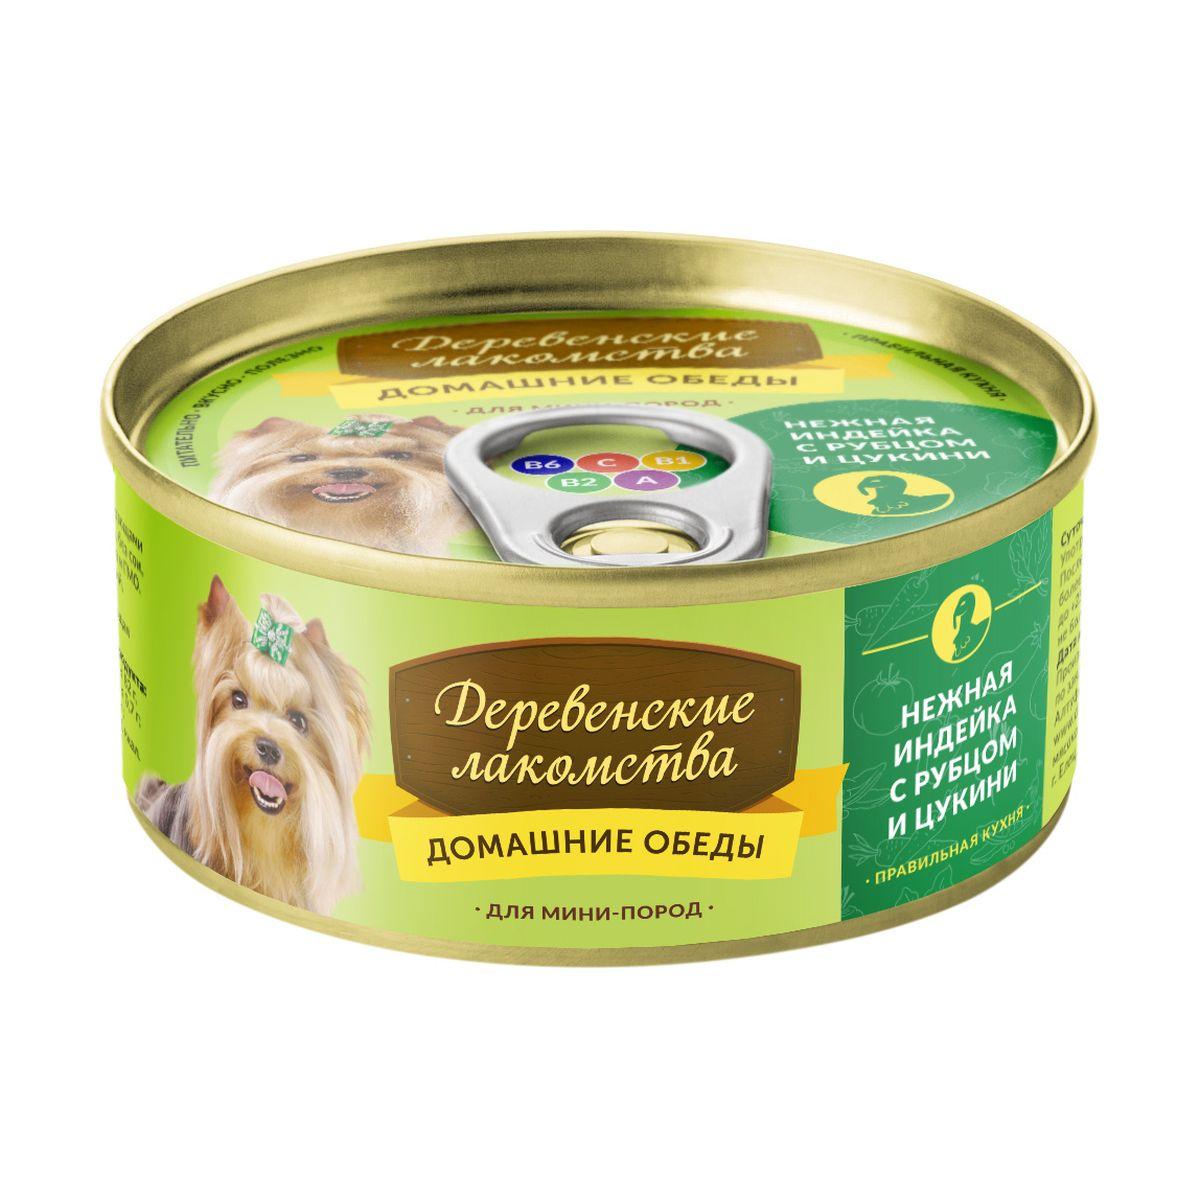 Консервы для собак мини-пород Деревенские лакомства Домашние обеды, нежная индейка с рубцом и цукини, 100 г62134Чтобы сделать диетическое мясо индейки еще более привлекательным, в состав корма добавлен обожаемый собаками рубец. Цукини не только богат витаминами и минералами, но и прекрасно дополняет вкусовую гамму. Состав: индейка, рубец говяжий, субпродукты мясные, цукини, растительное масло, желирующая добавка, соль, вода.Питательная ценность на 100 г продукта:протеин 8 г, жир 10 г, влага 82 г, клетчатка 1 г, зола 2 г, соль 0,7 г; фосфор 0,5 г, кальций 0,46 г.Энергетическая ценность: 101 ккал. Товар сертифицирован.